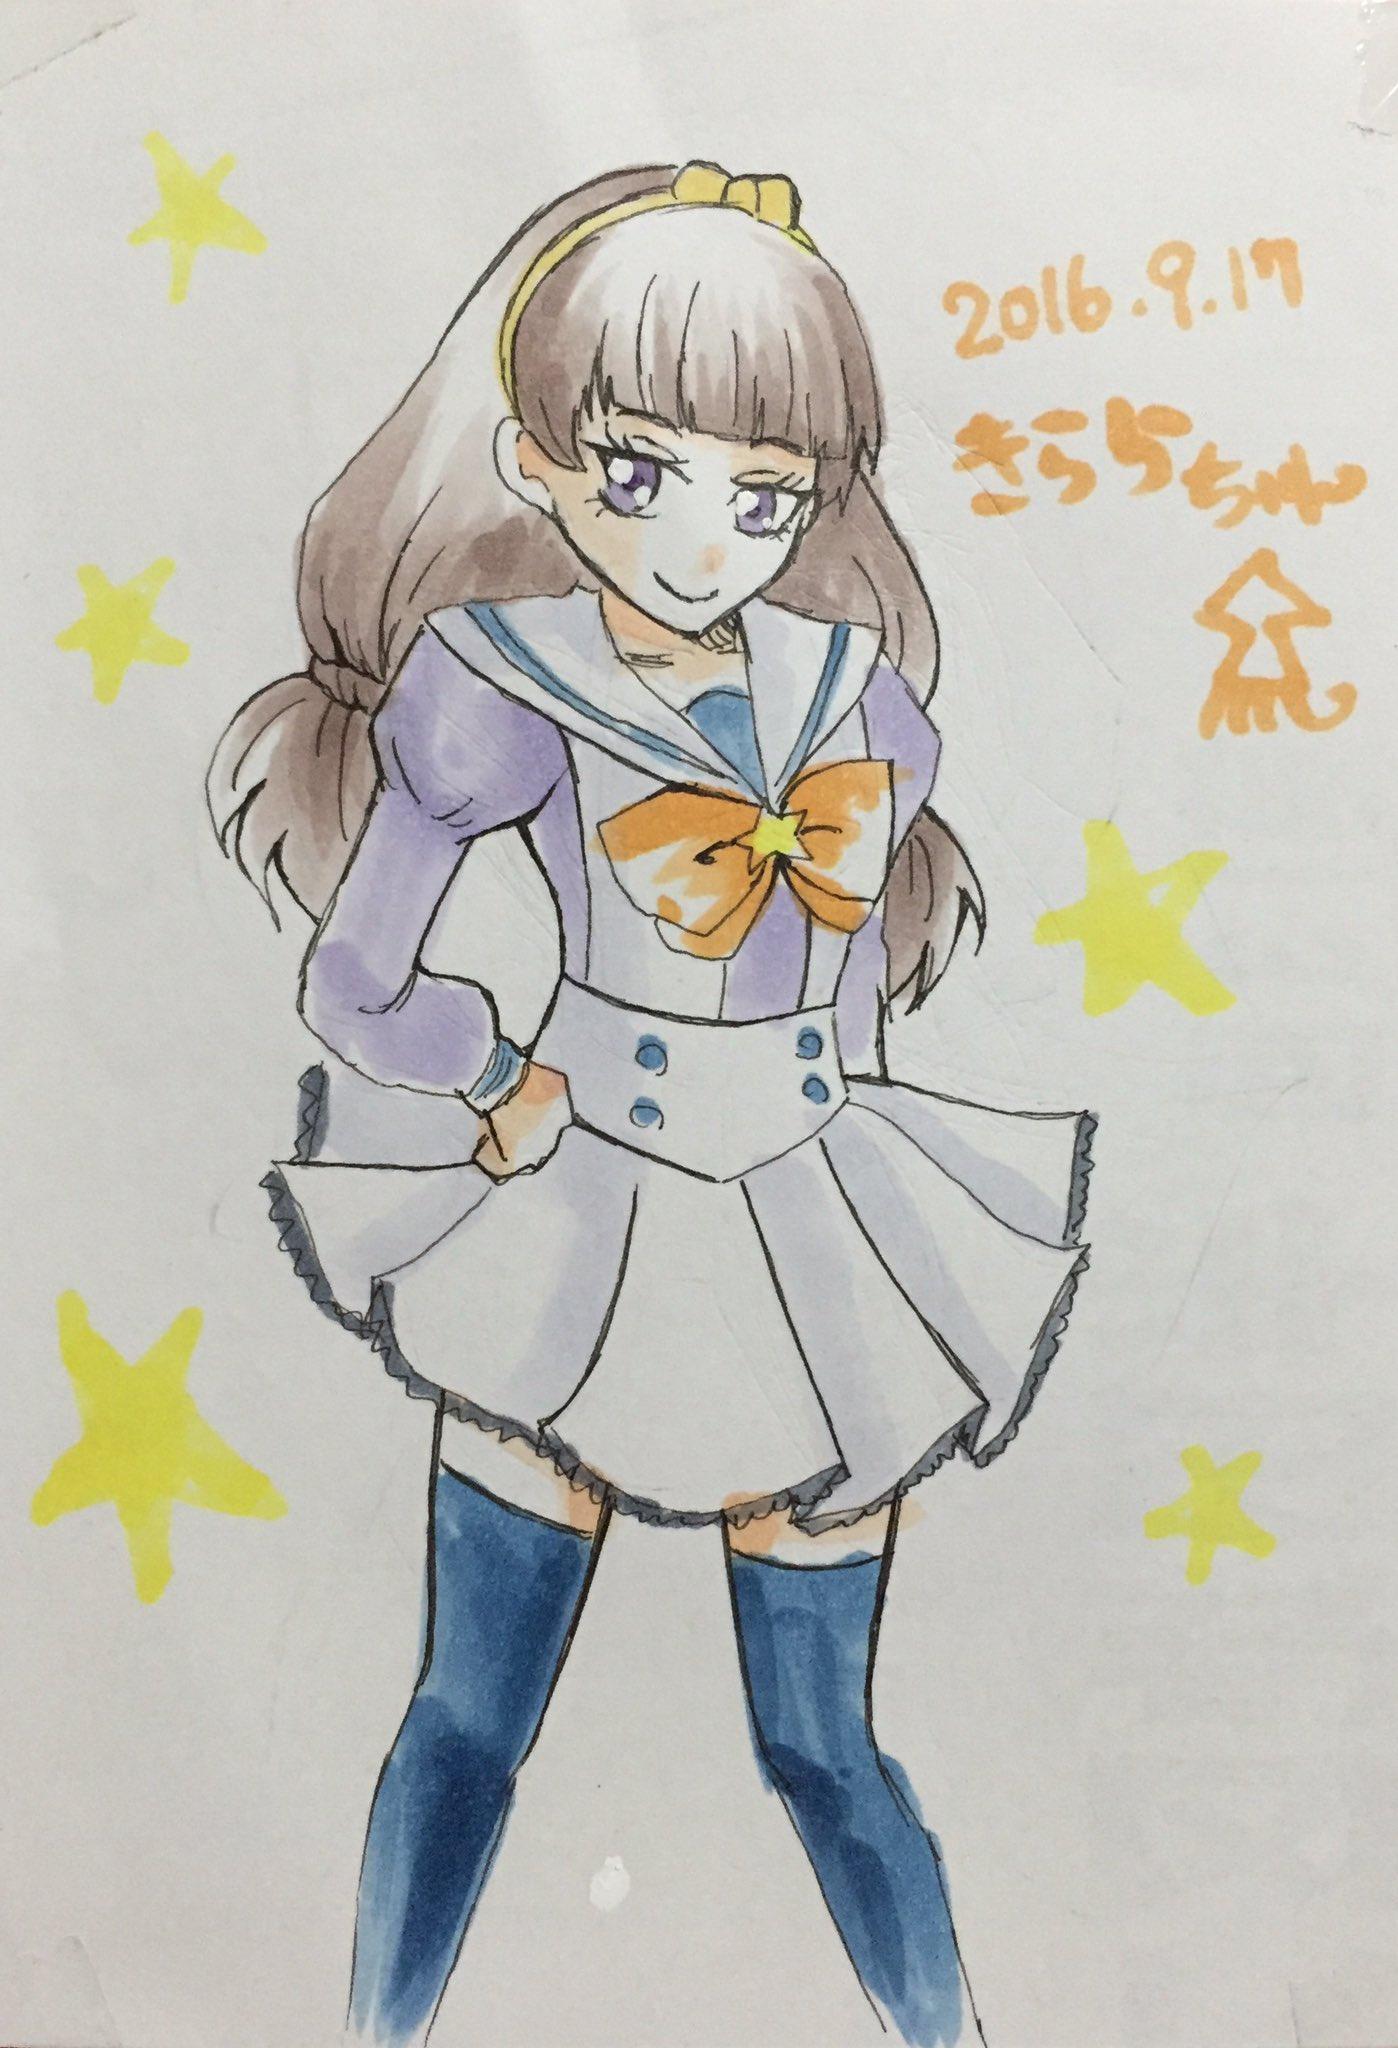 干物@レイフレか05 (@sakiika_cmk)さんのイラスト